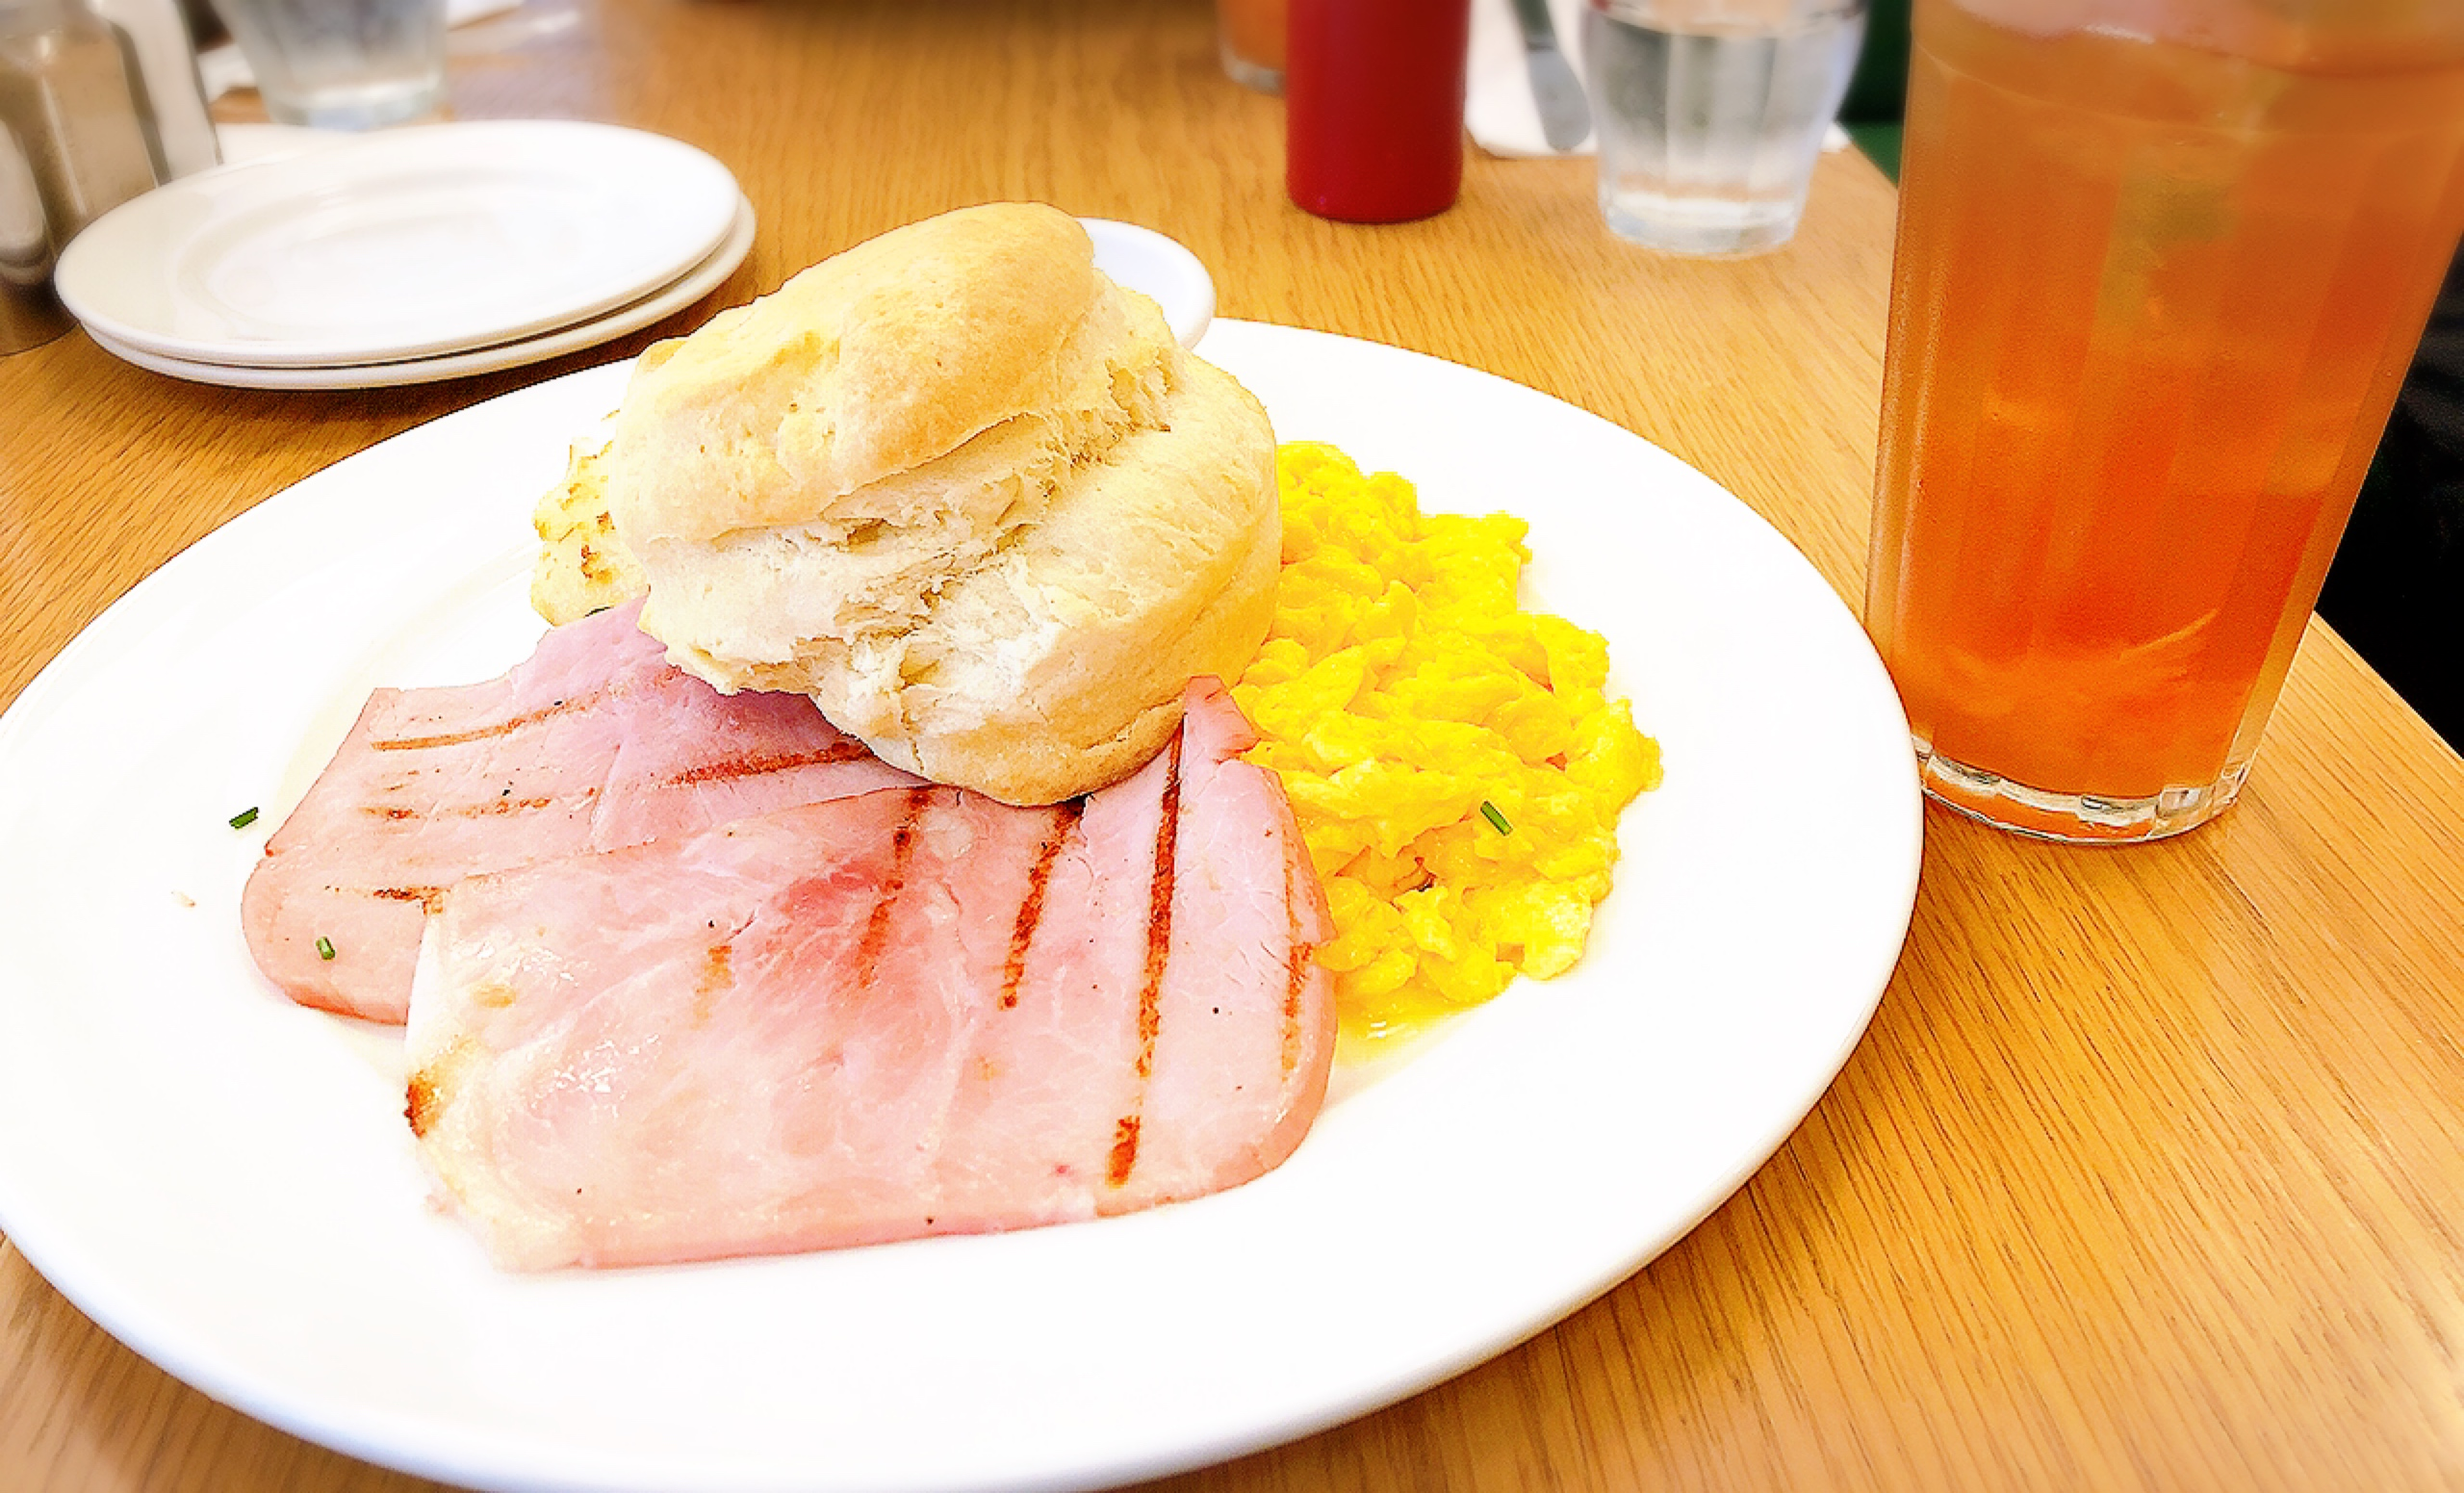 【表参道】NYで大人気のパンケーキを東京 南青山で♩CLINTON ST. BAKING COMPANY_4